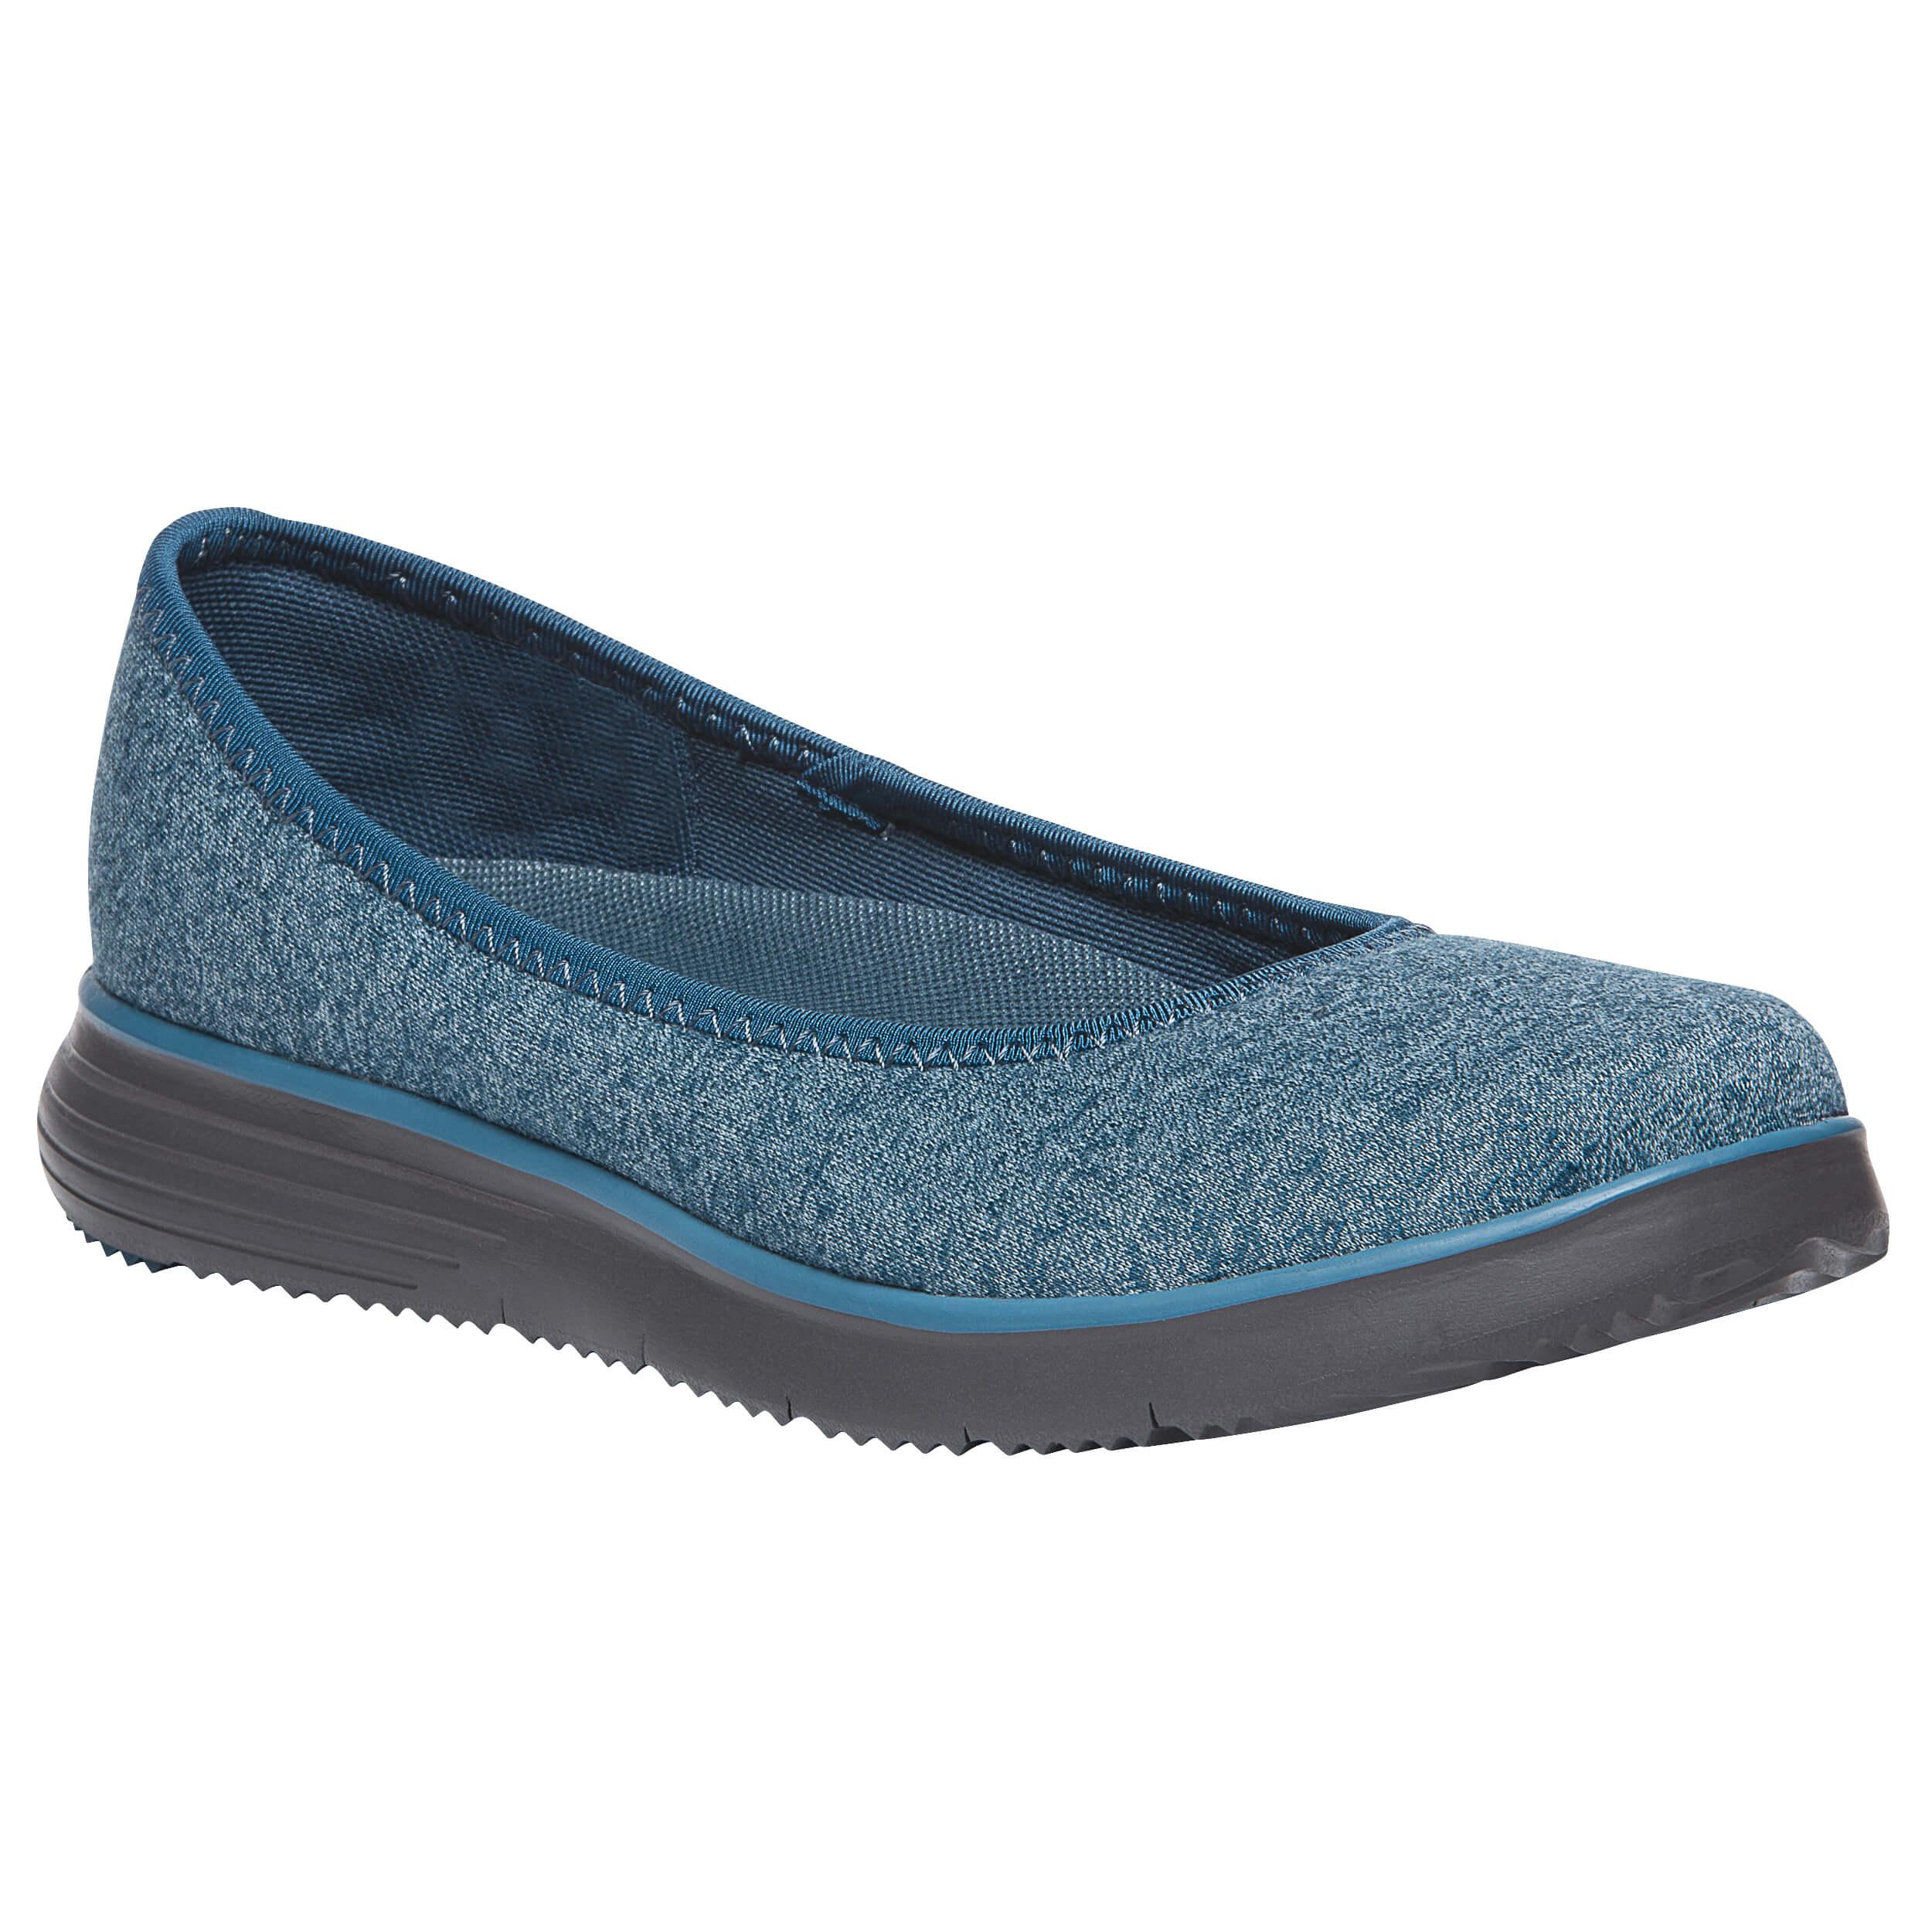 a4f6d1448dd Propét TravelFit Flat - Women s Casual Comfort Flats